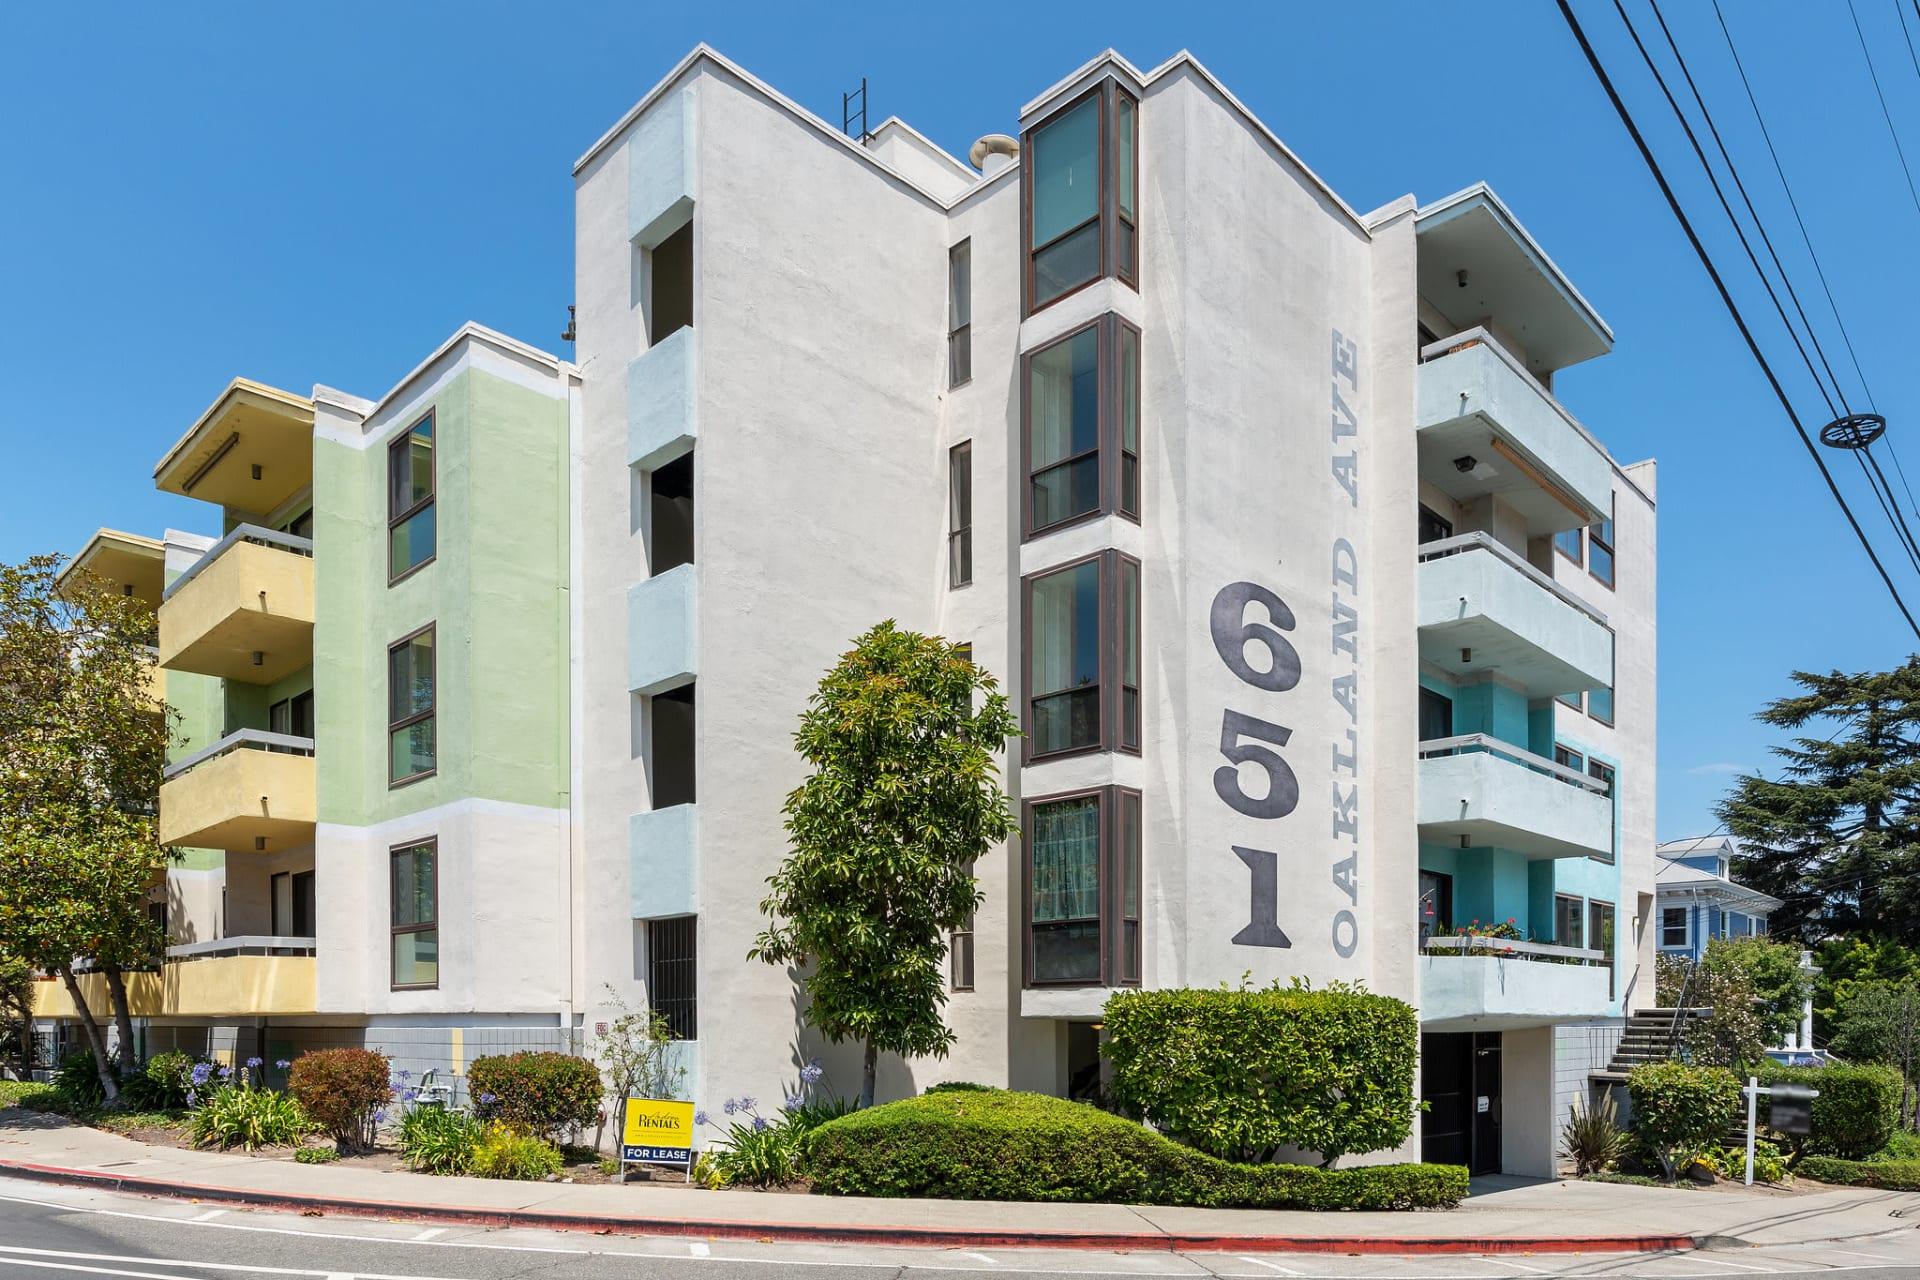 651 Oakland Ave, Unit 1D photo